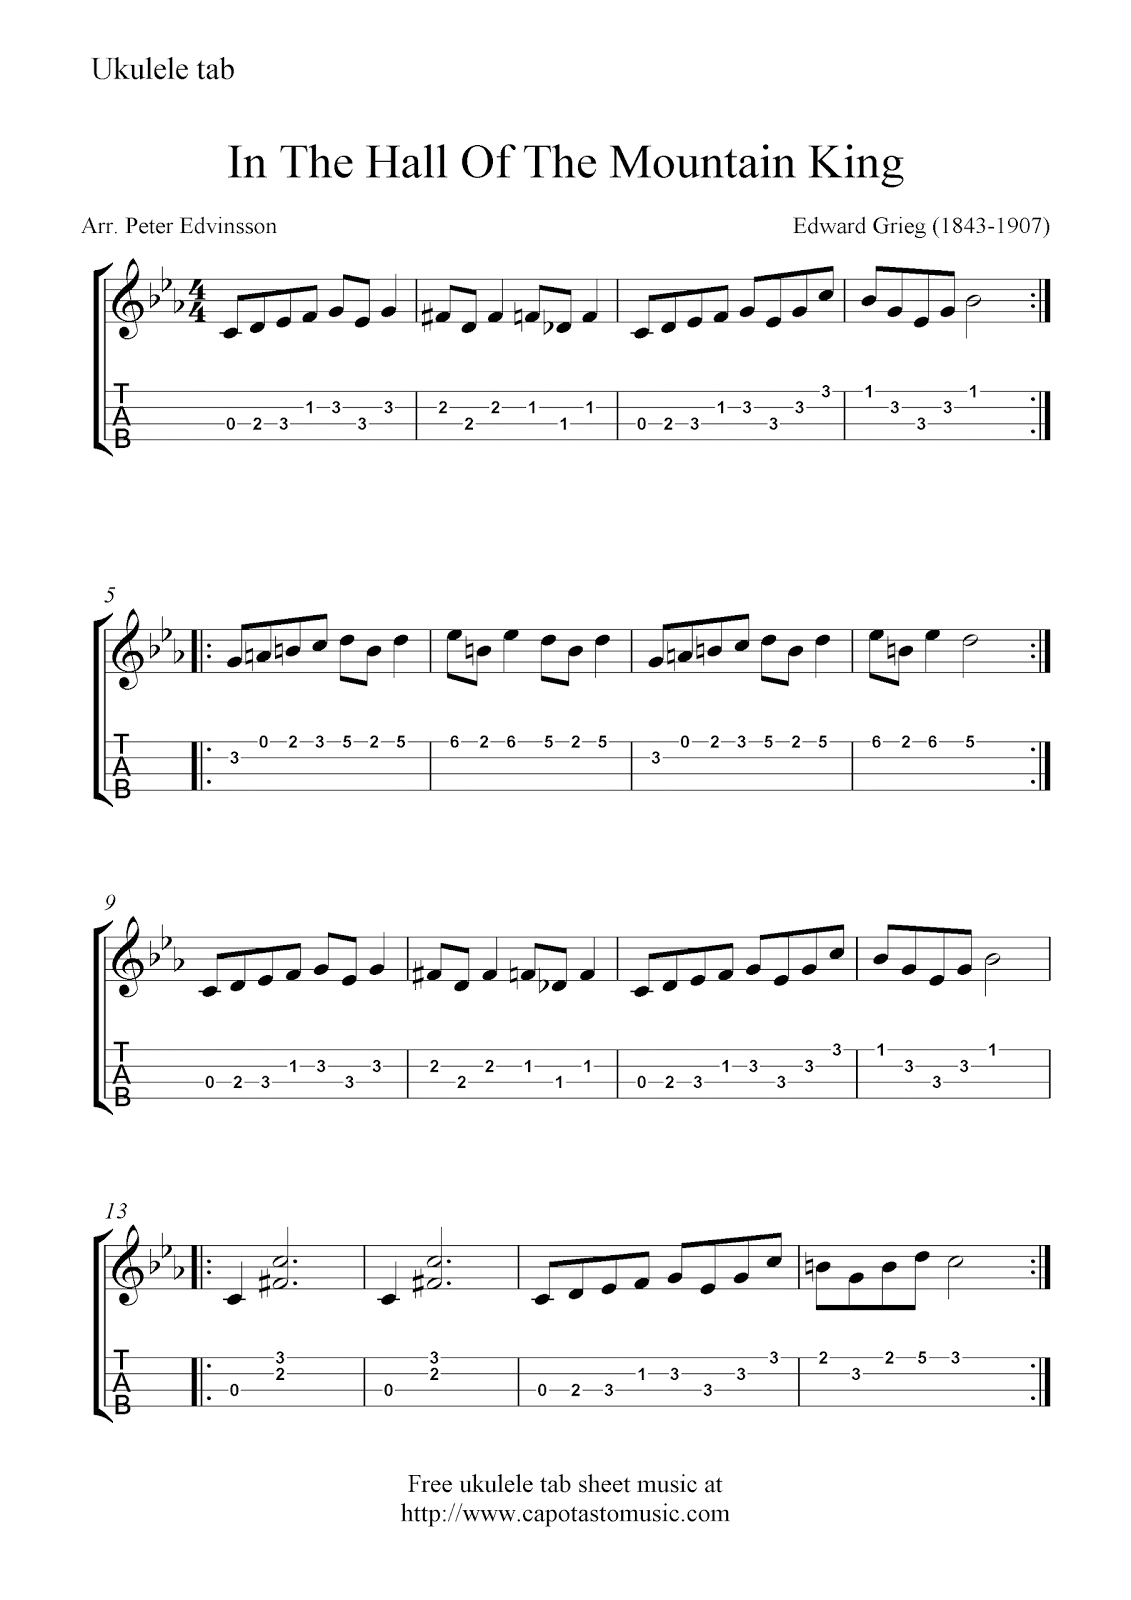 Free sheet music scores free ukulele tab sheet music in the hall free sheet music scores free ukulele tab sheet music in the hall of the hexwebz Gallery